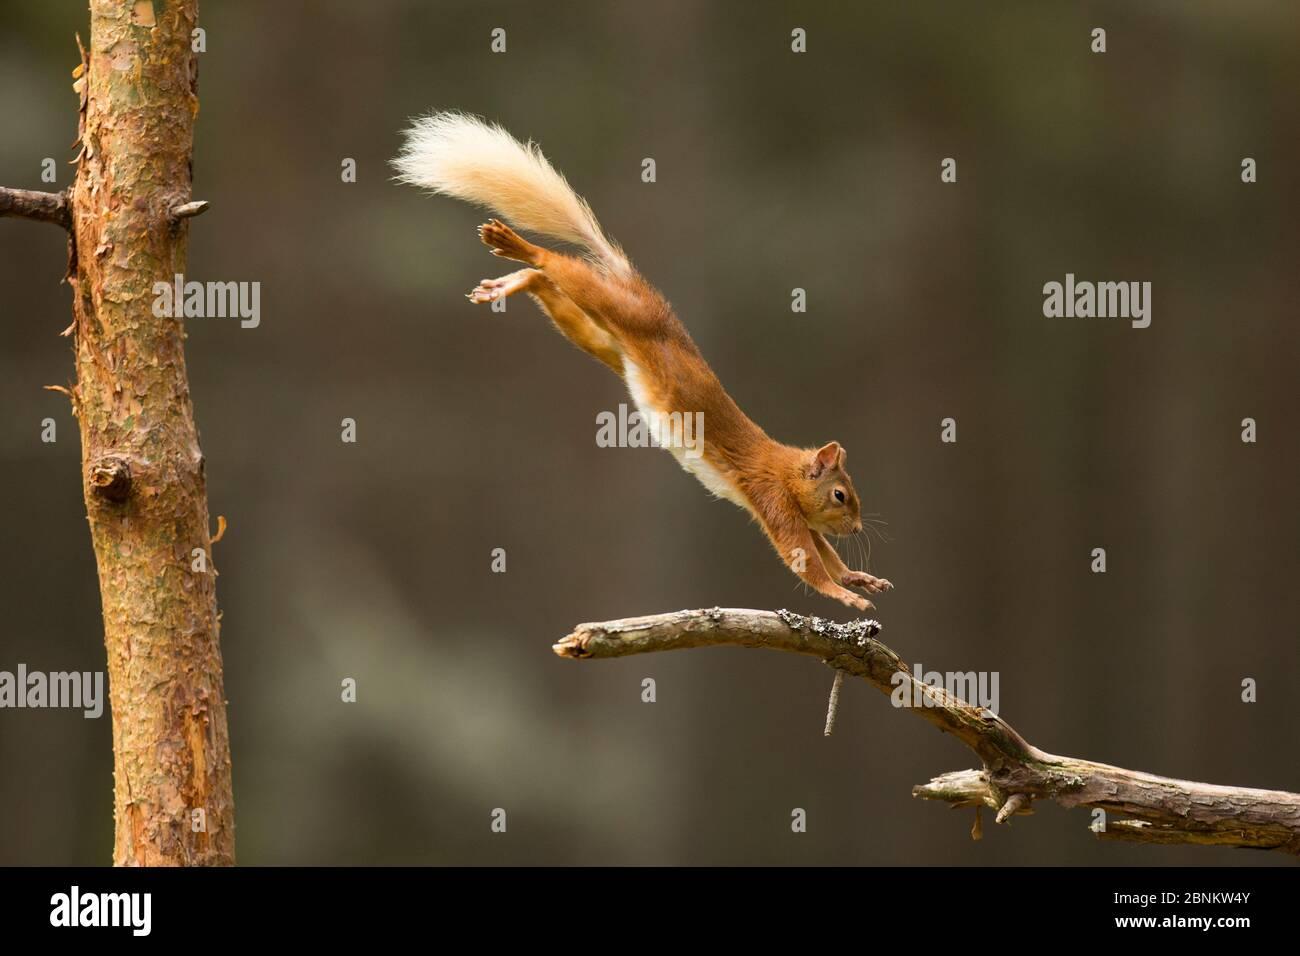 Écureuil roux (Sciurus vulgaris) sautant sur une branche de pins, parc national de Cairngorms, Écosse, Royaume-Uni, juin. Banque D'Images